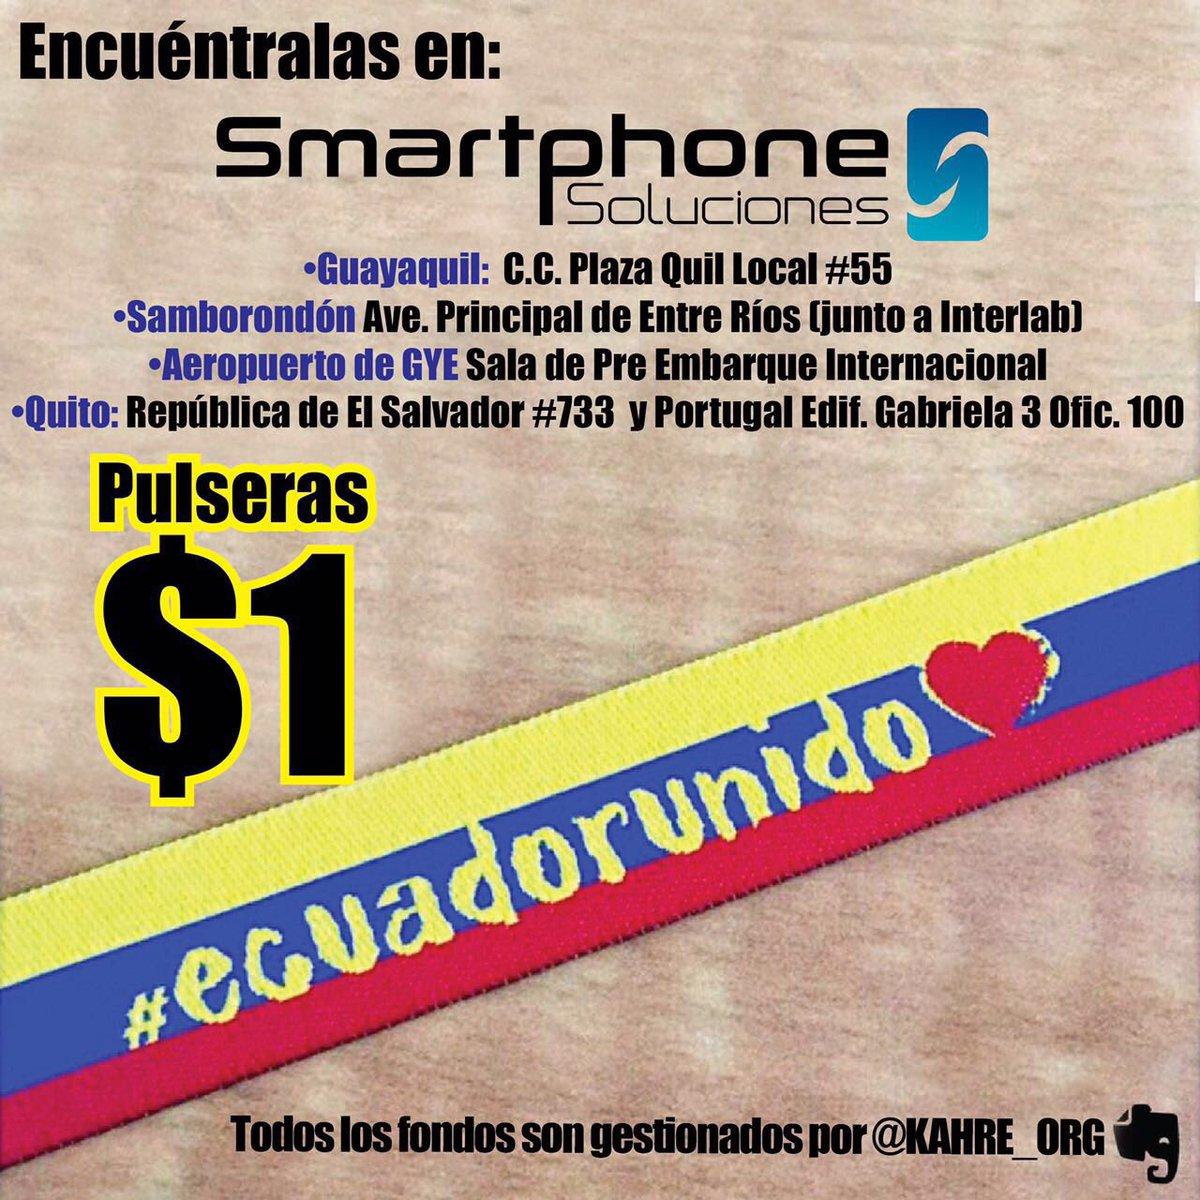 Tenemos las pulseras #ecuadorunido